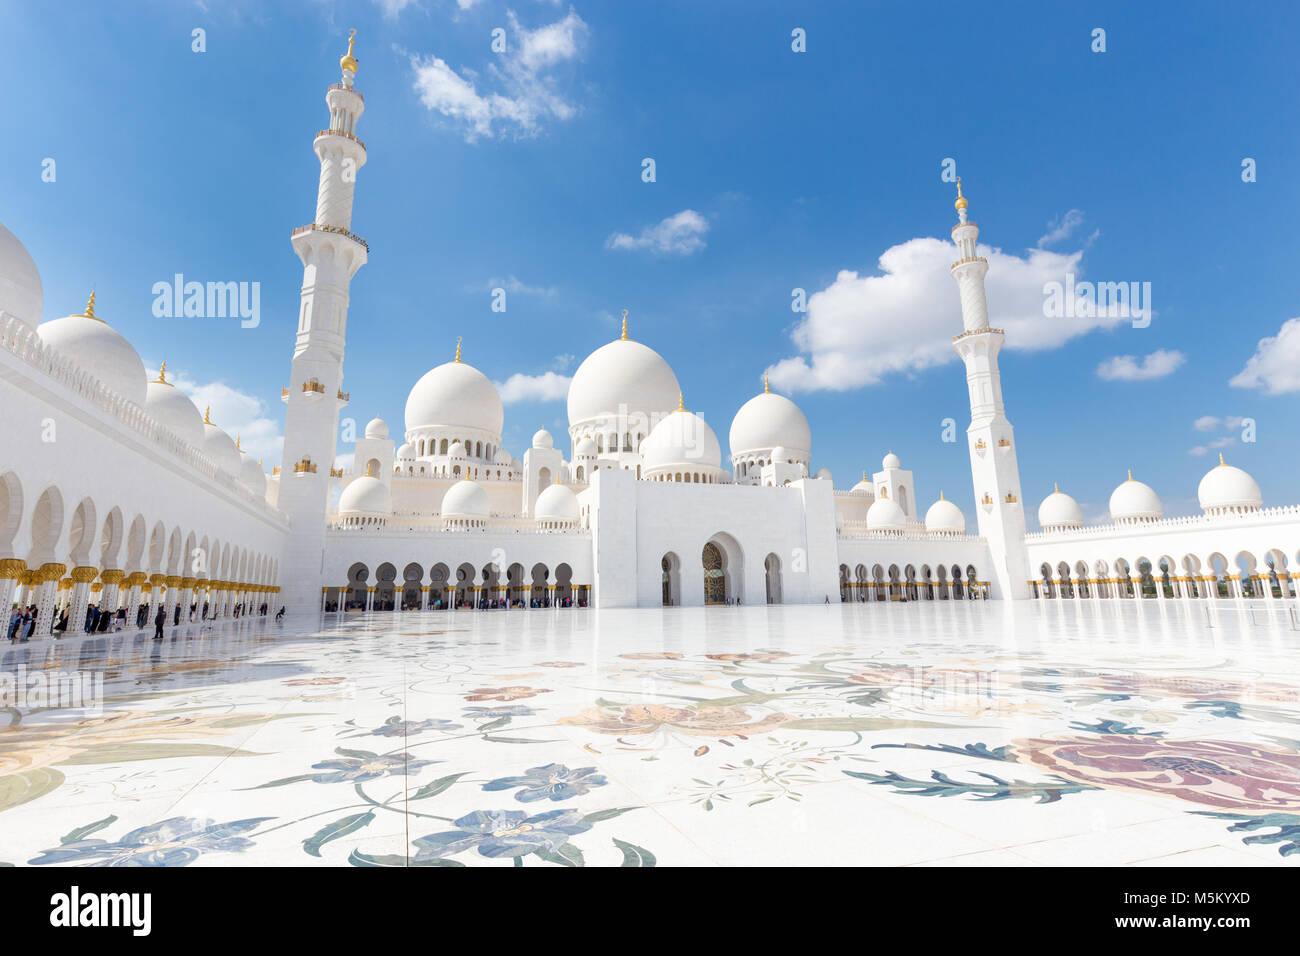 Sheikh Zayed Grand Mosque, Abu Dhabi, Vereinigte Arabische Emirate. Stockbild